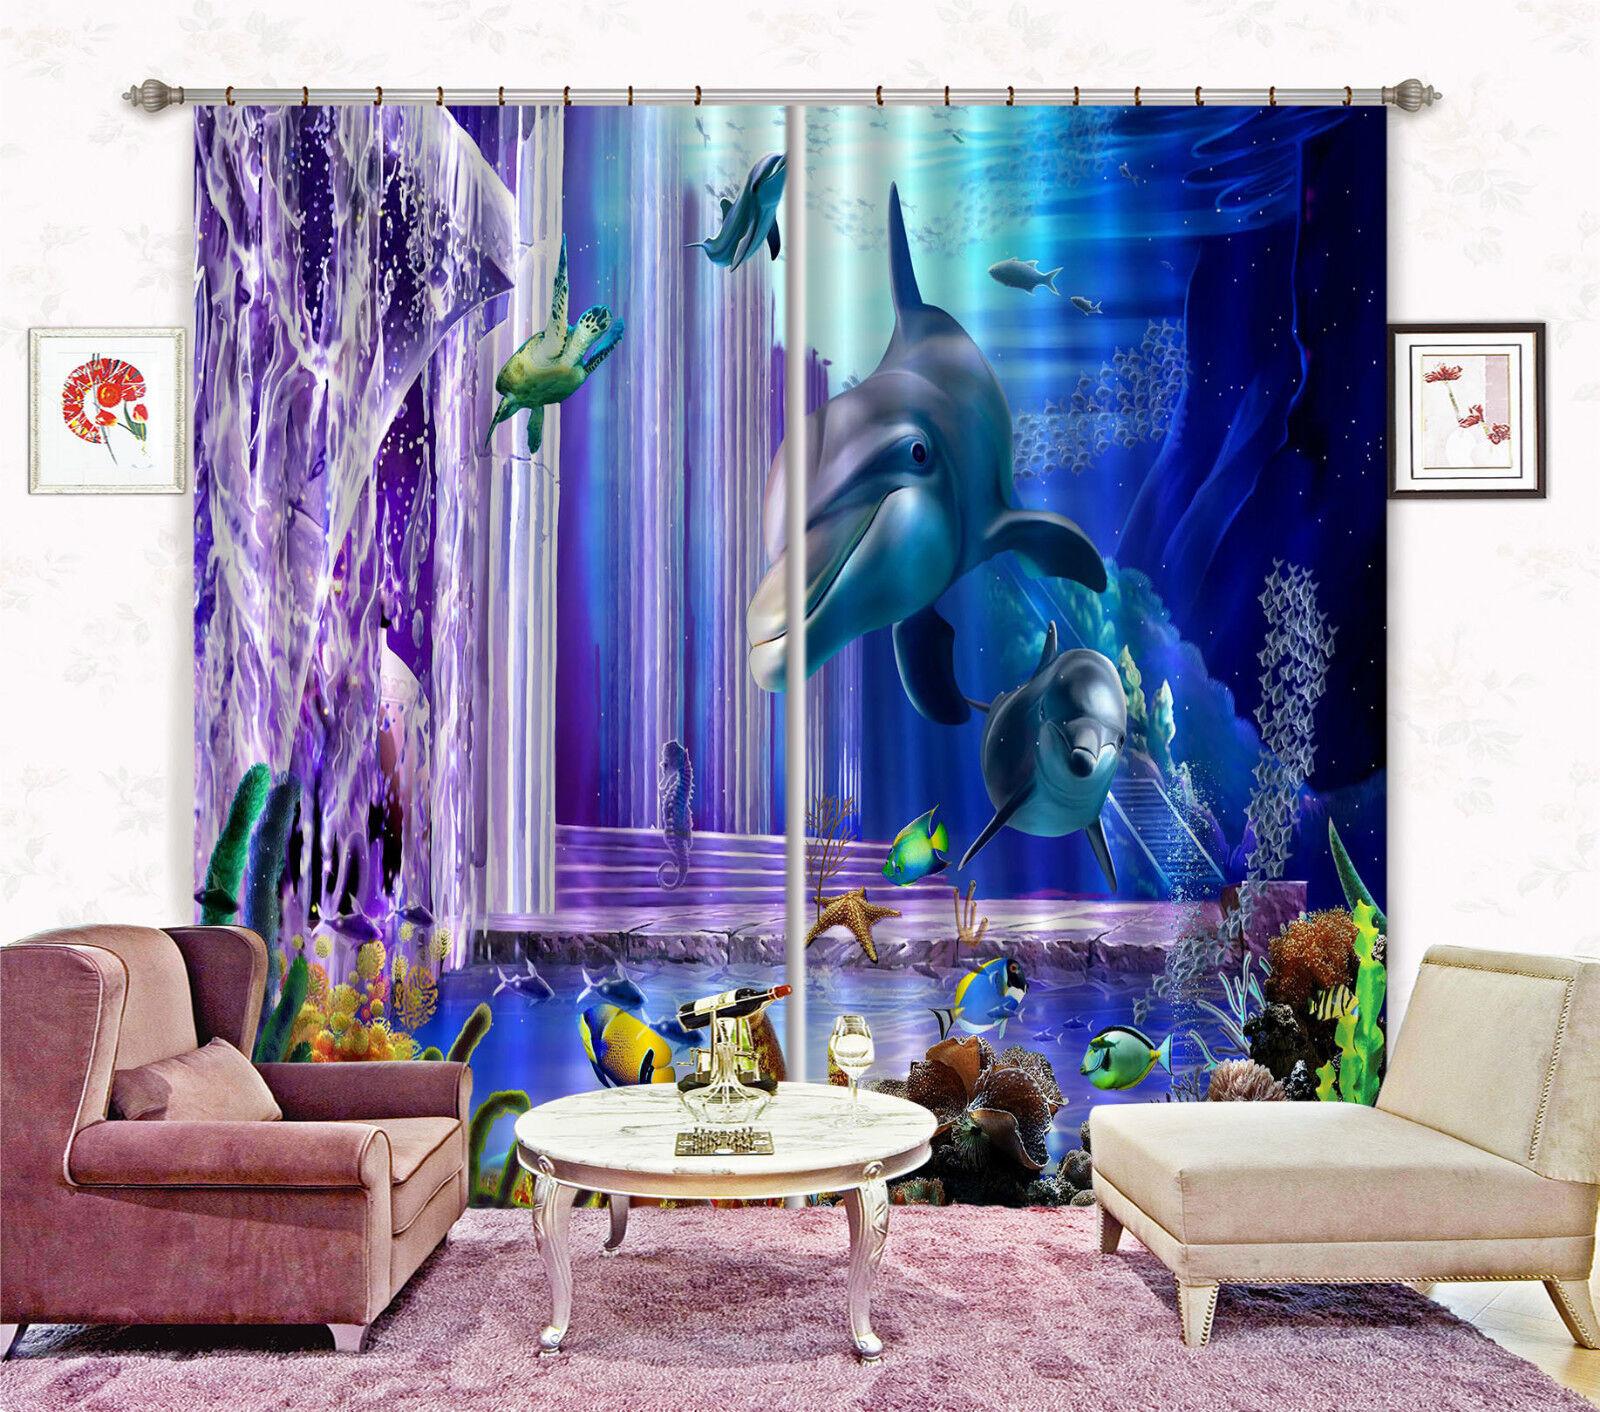 3d delfines océano 33 bloqueo foto cortina cortina de impresión sustancia cortinas de ventana